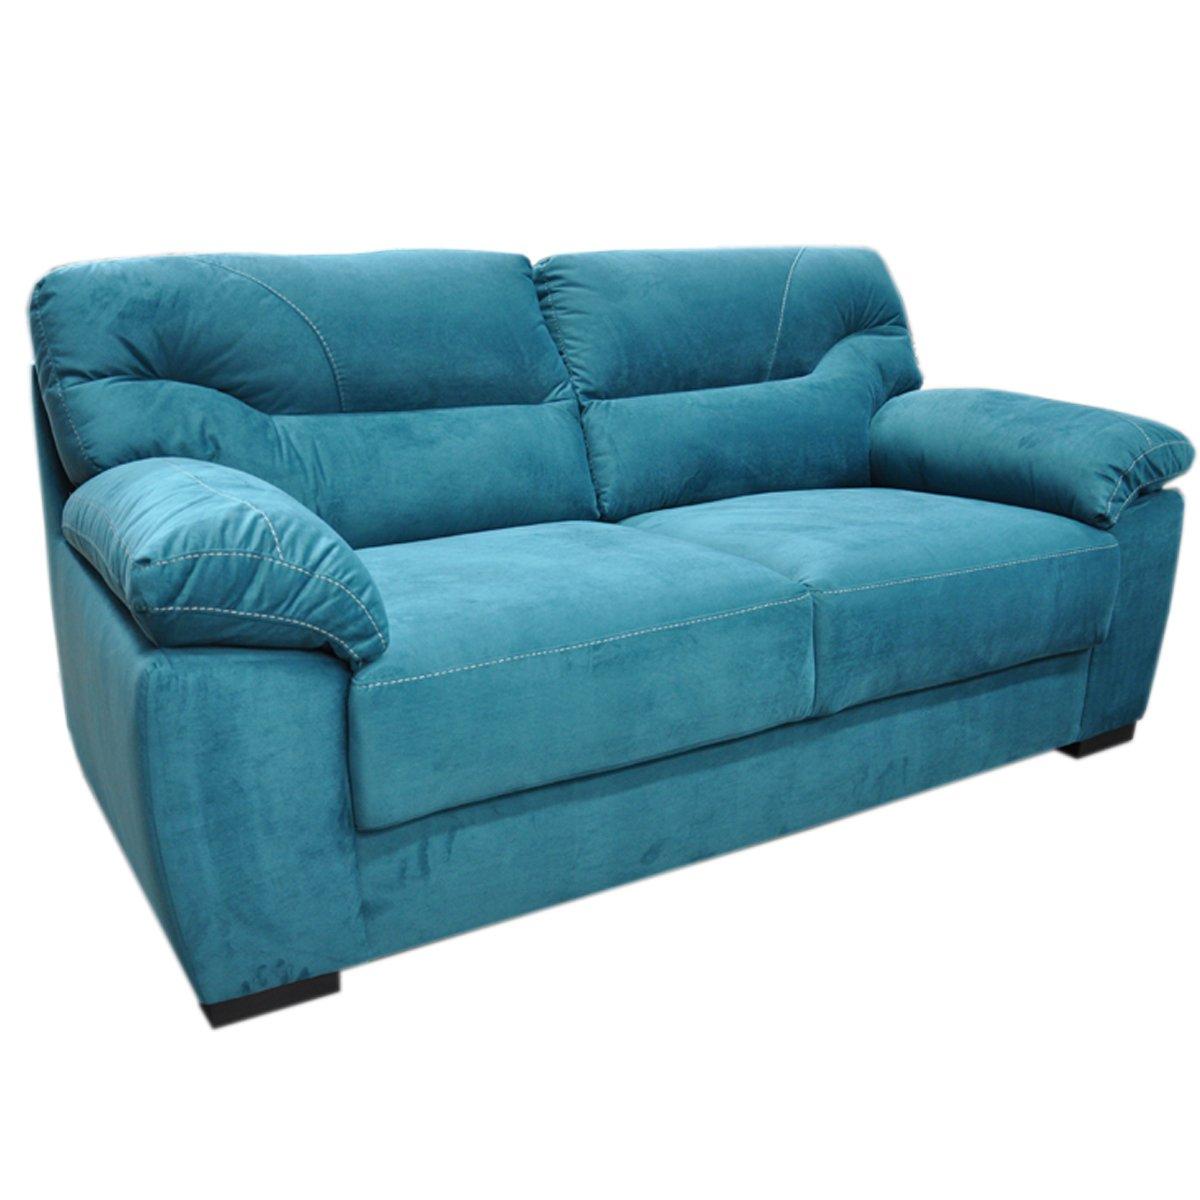 Sof cartagena tapizado tela aqua sears com mx me entiende - Tela tapizado sofa ...